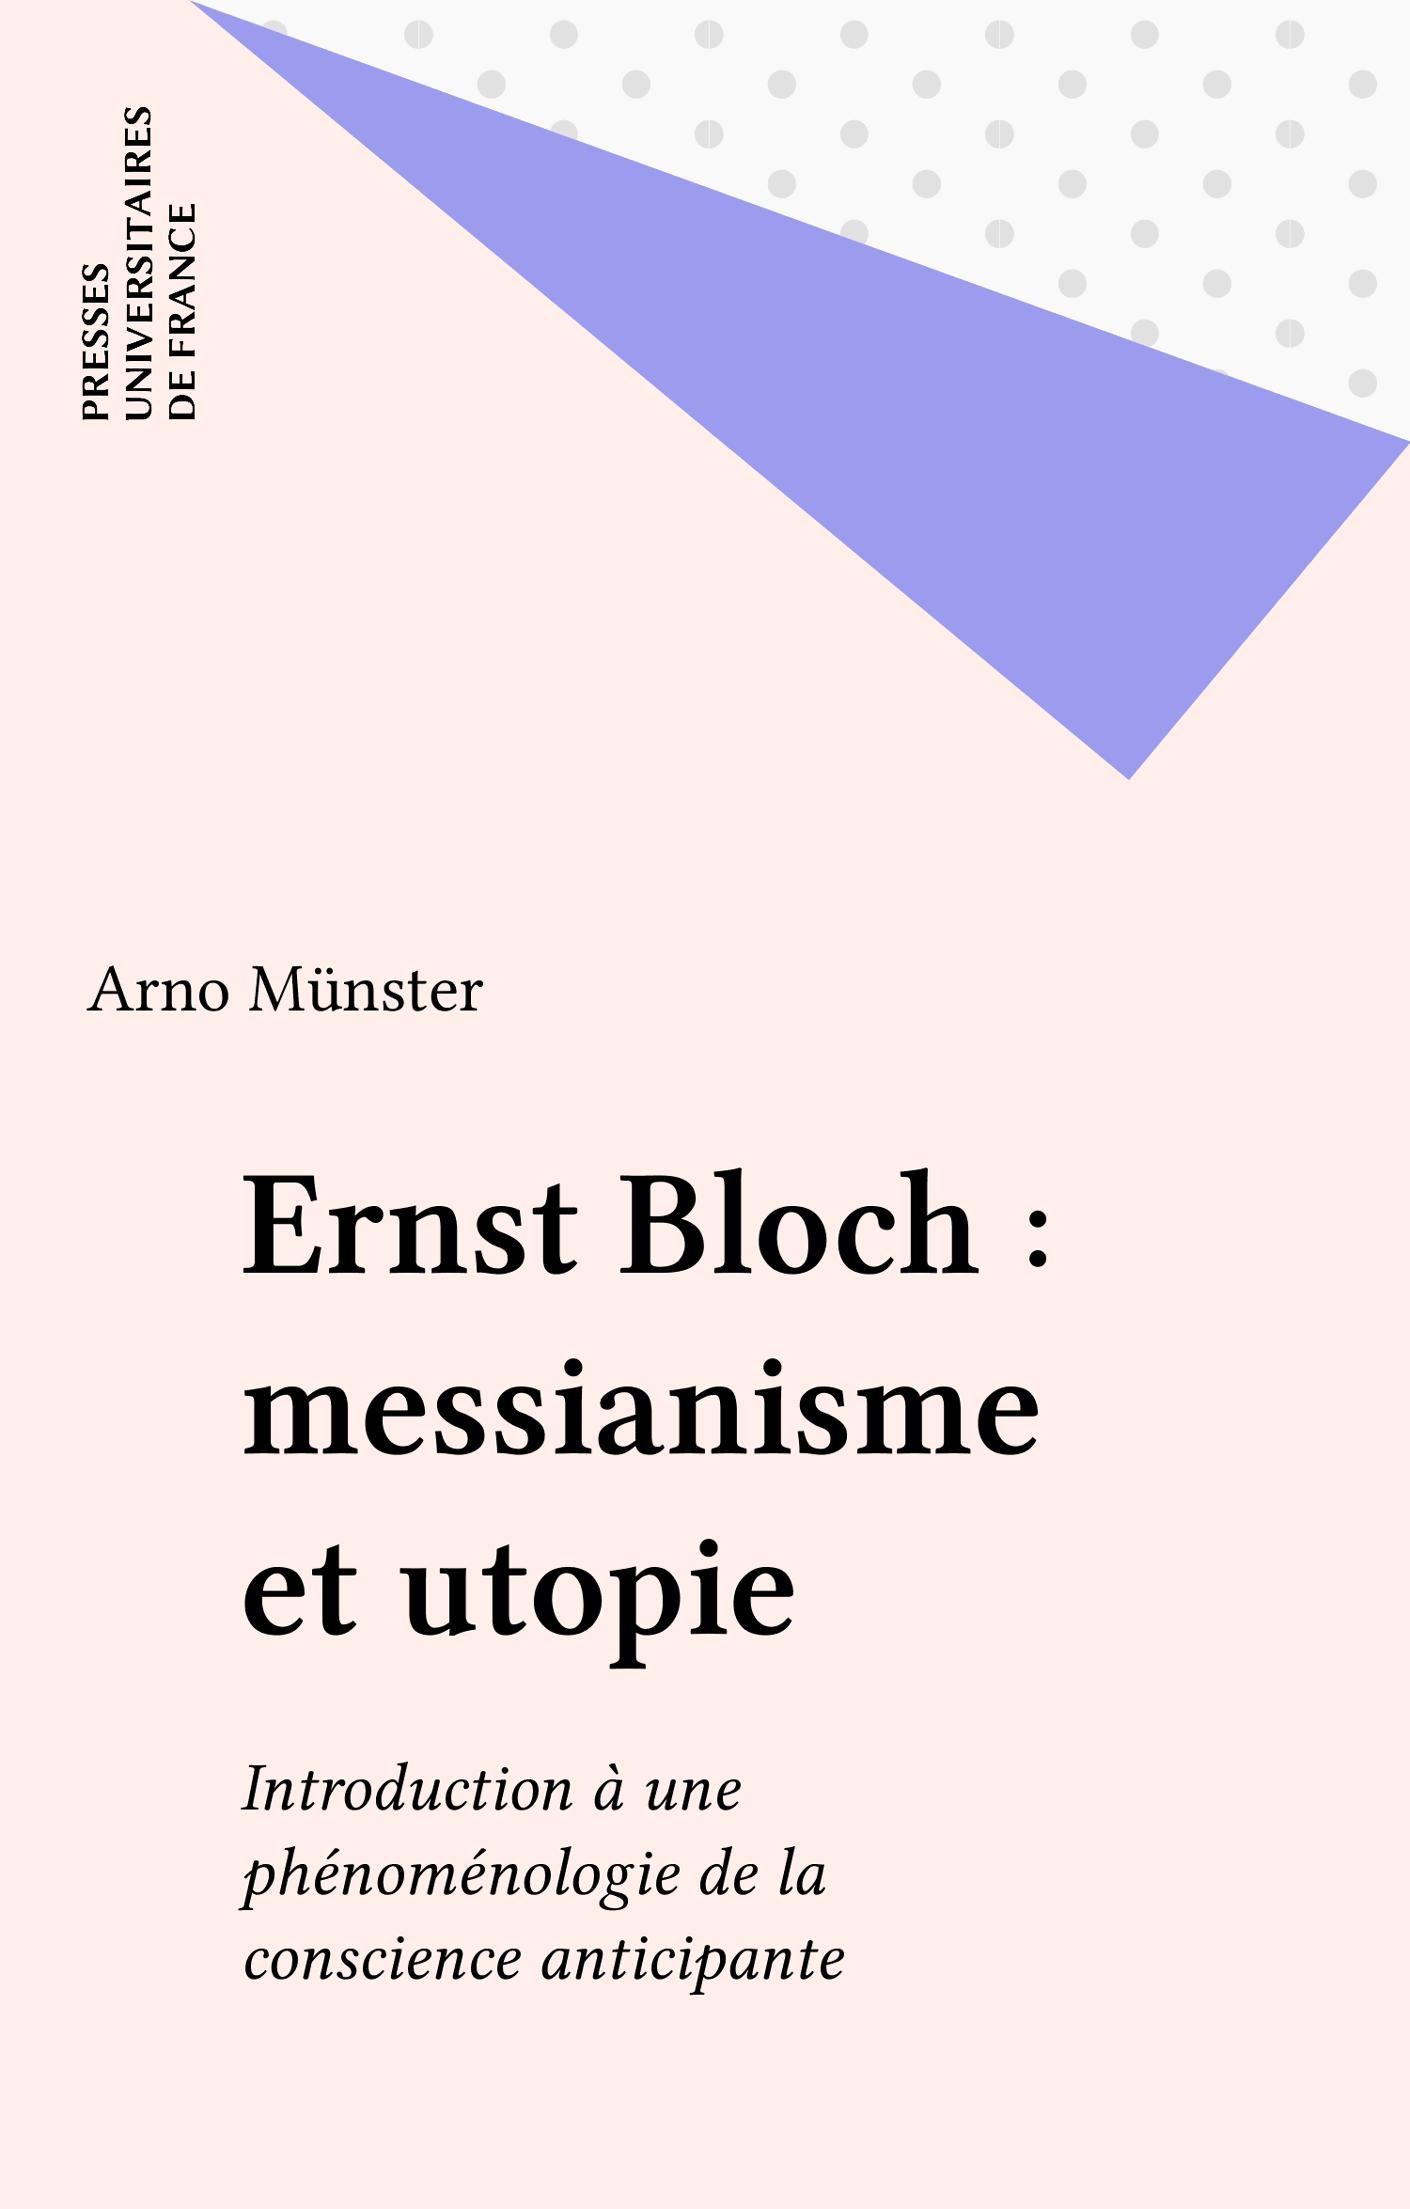 Ernst Bloch : messianisme et utopie